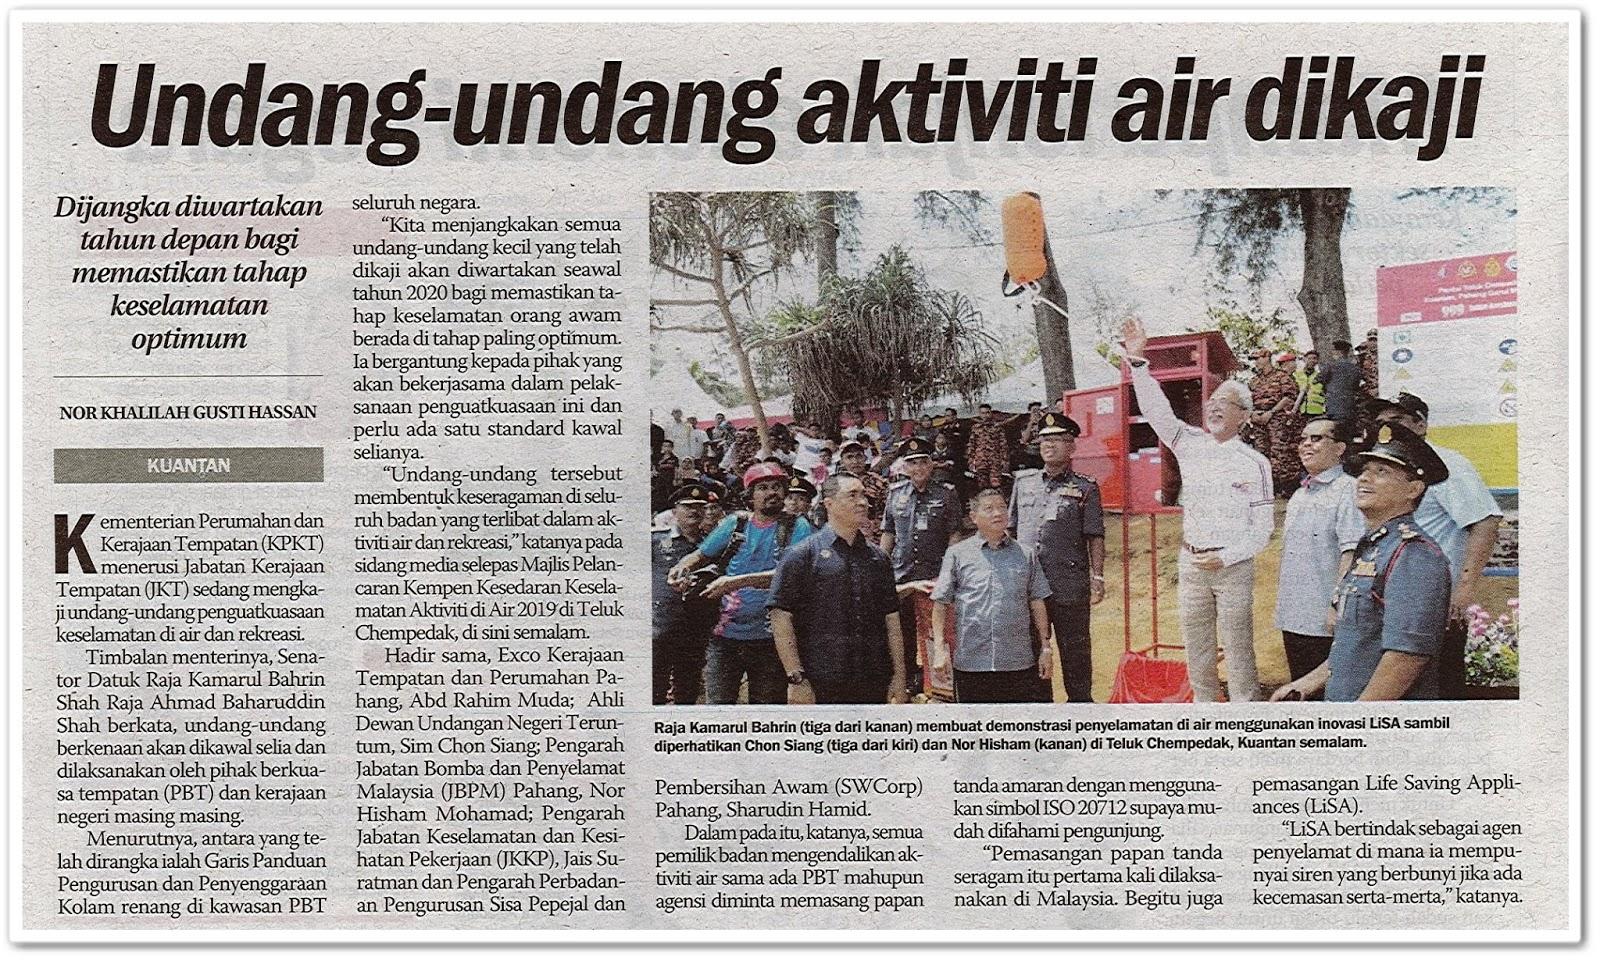 Undang-undang aktiviti air dikaji - Keratan akhbar Sinar Harian 11 November 2019